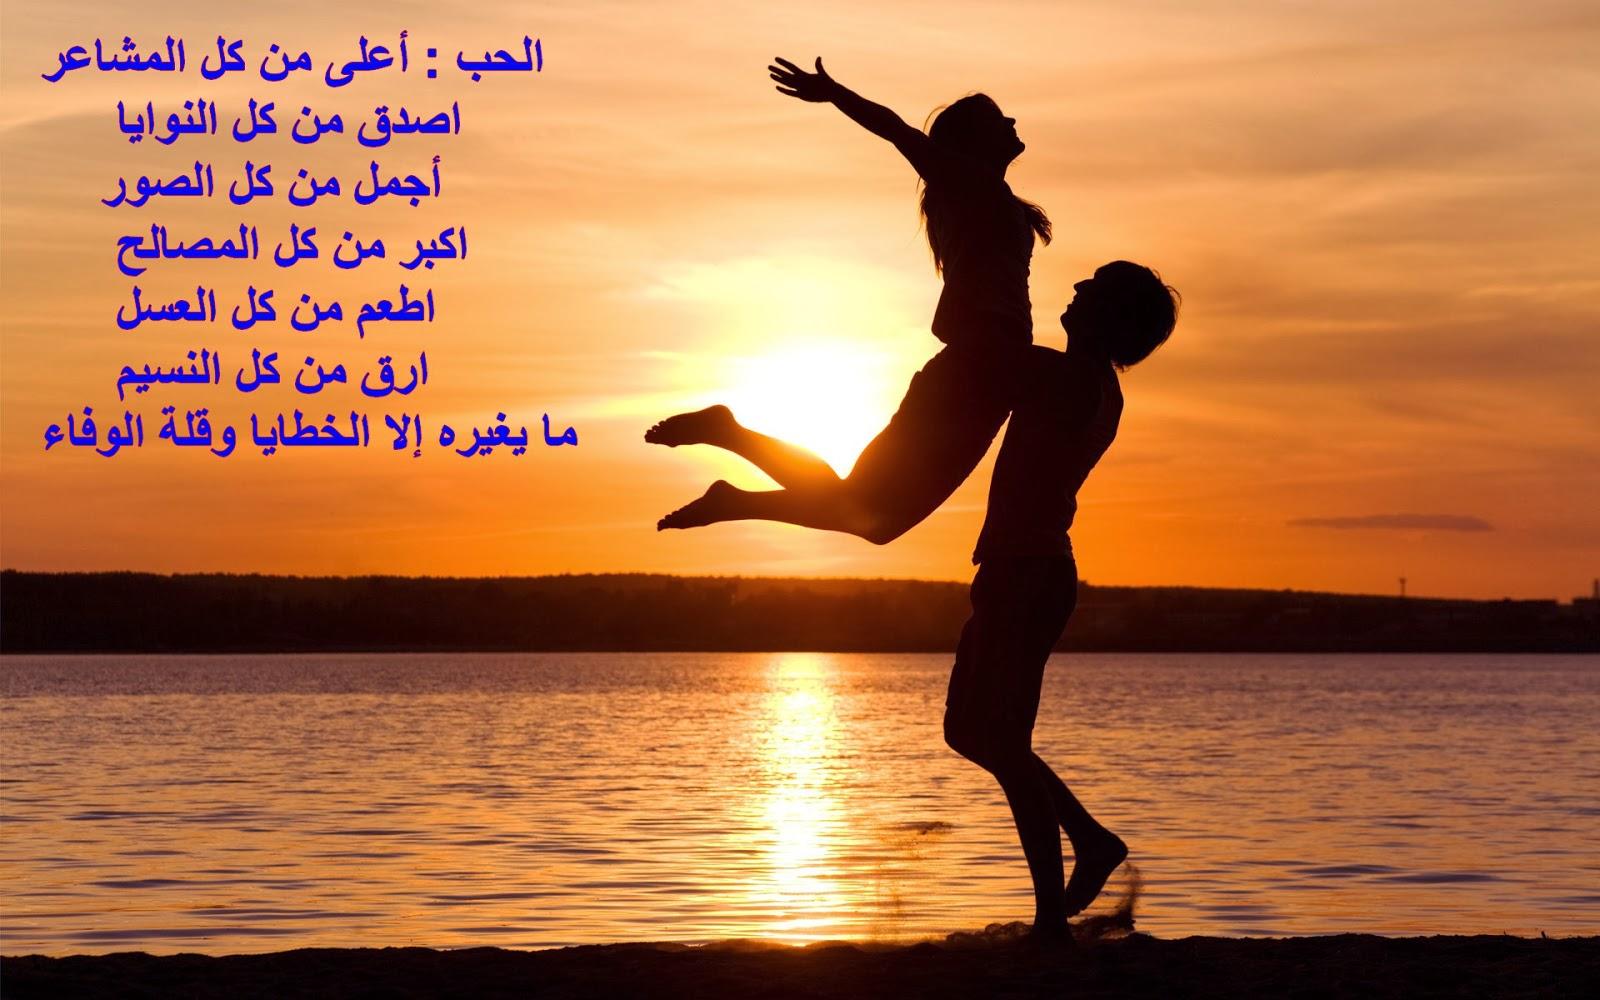 بالصور اشعار في الحب , اجمل الكلمات الشعريه في وصف الحب 2164 4